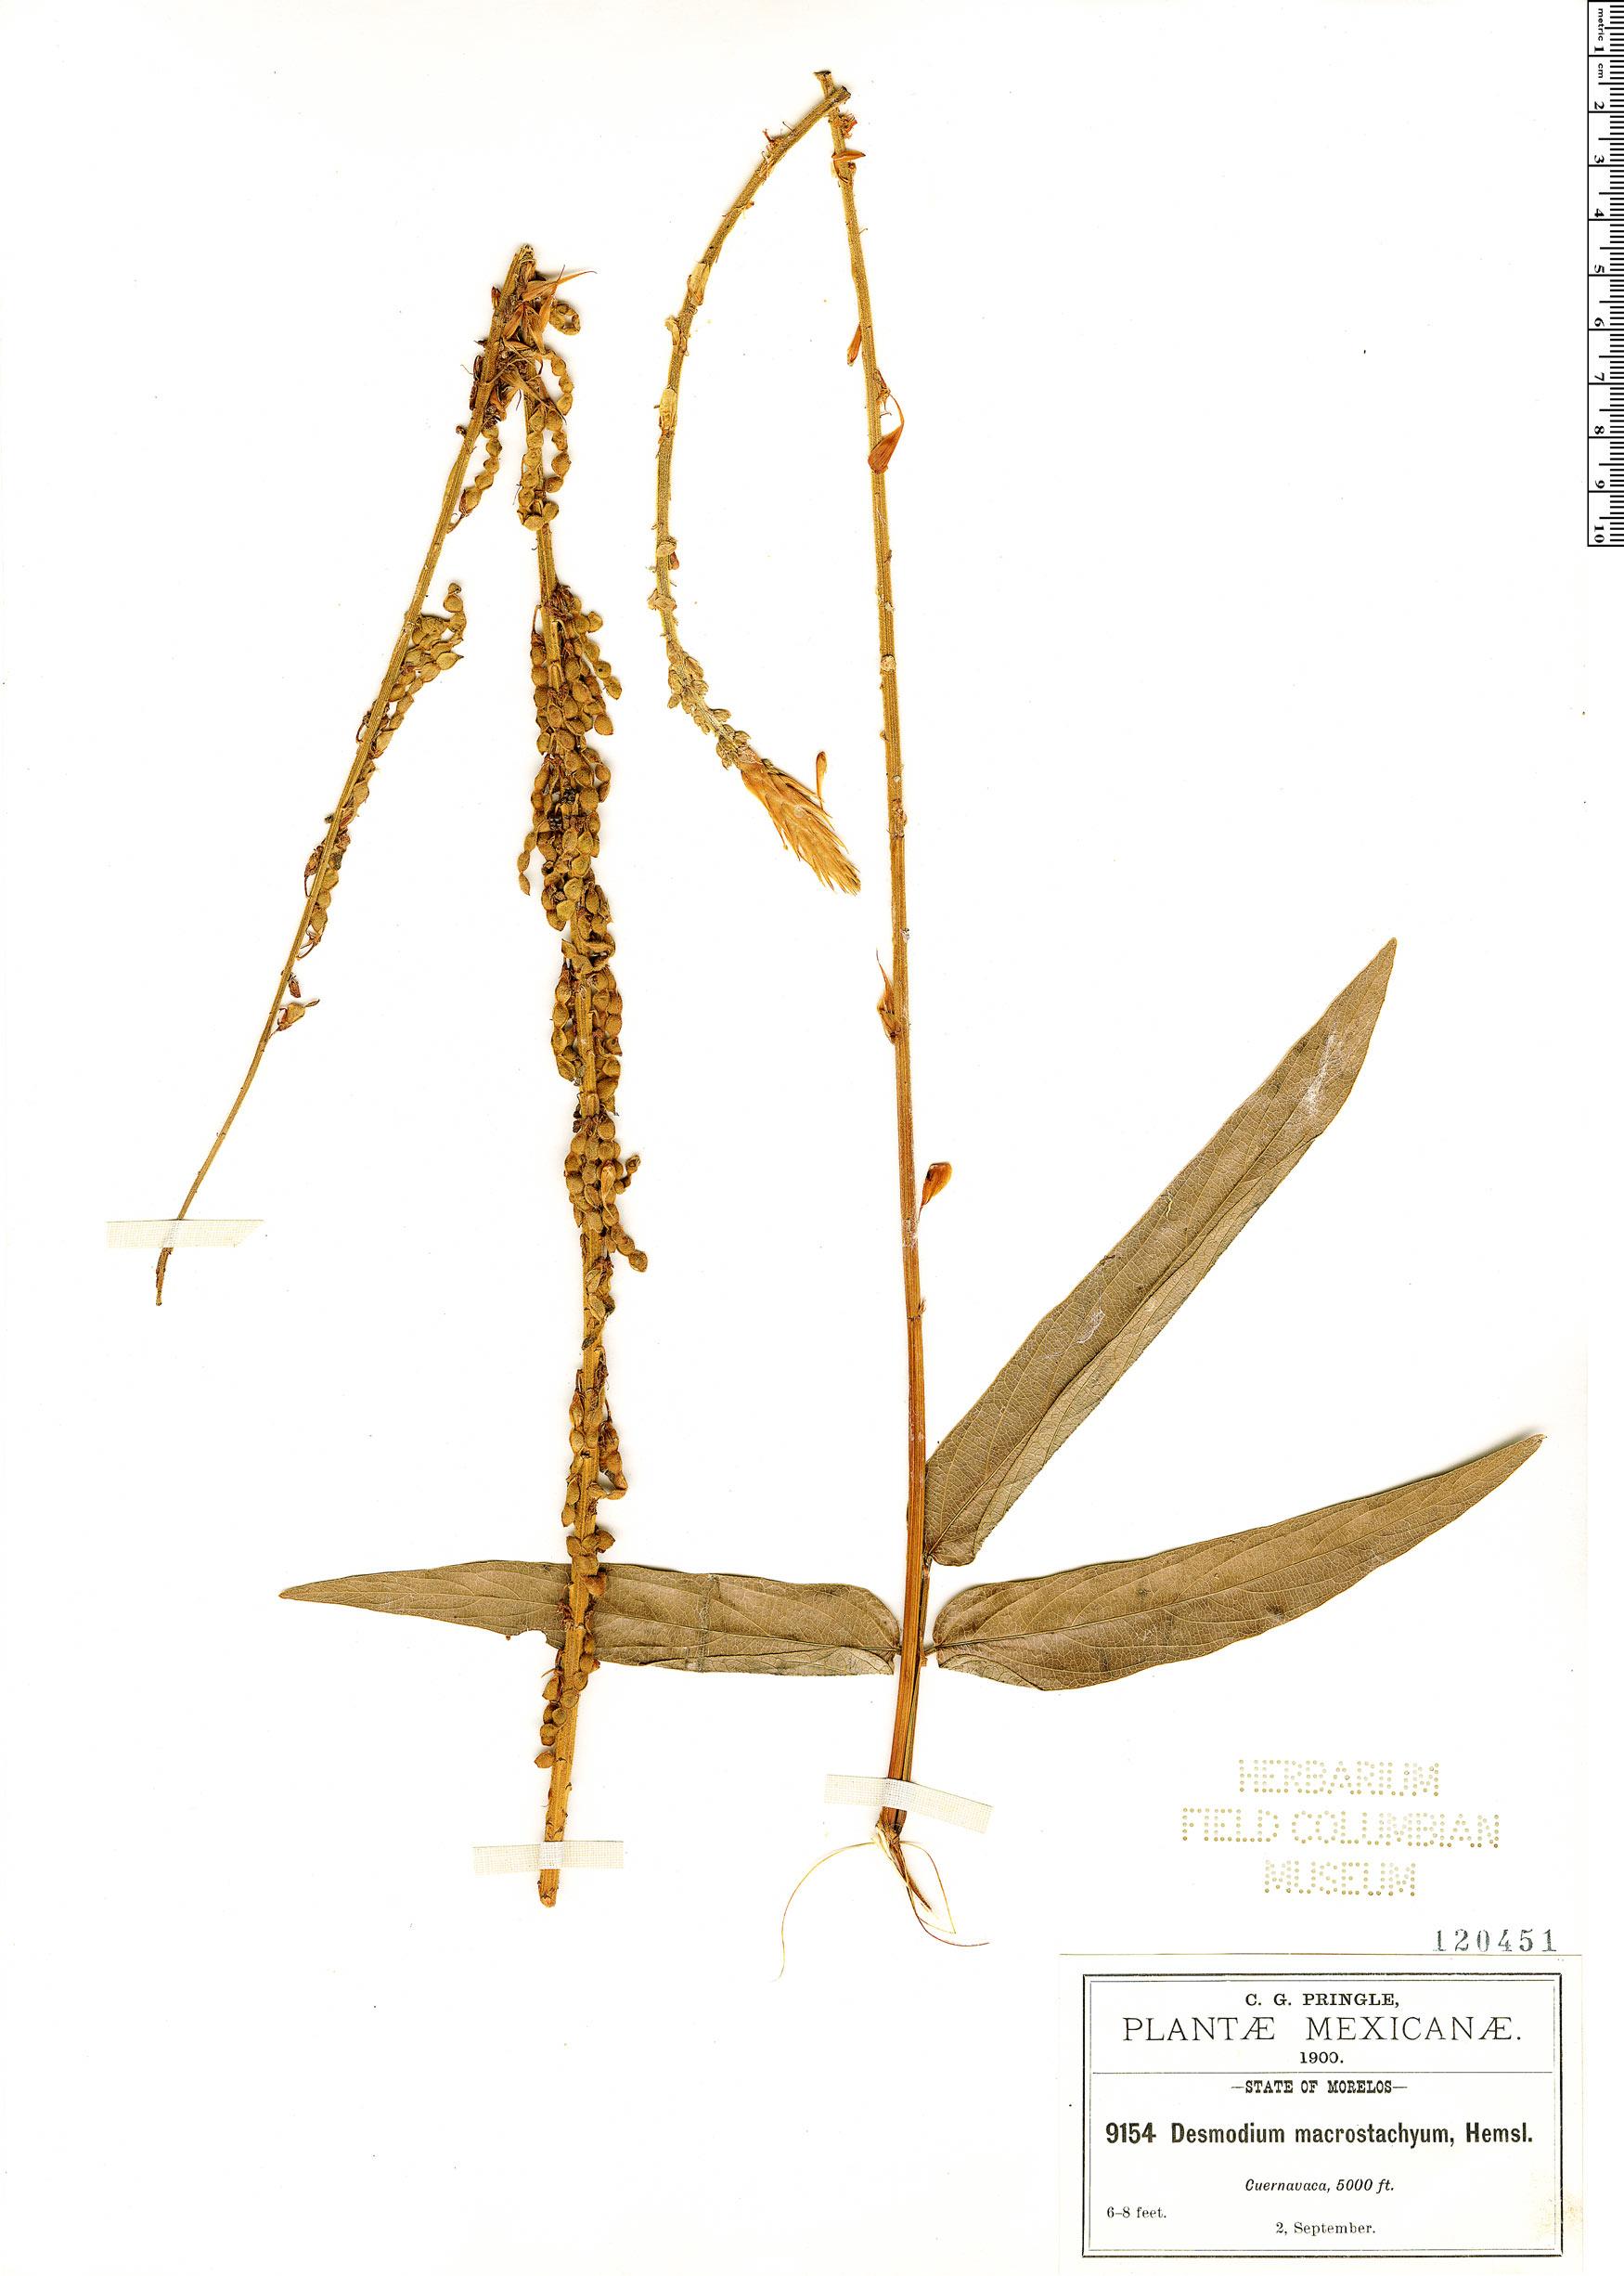 Specimen: Desmodium macrostachyum